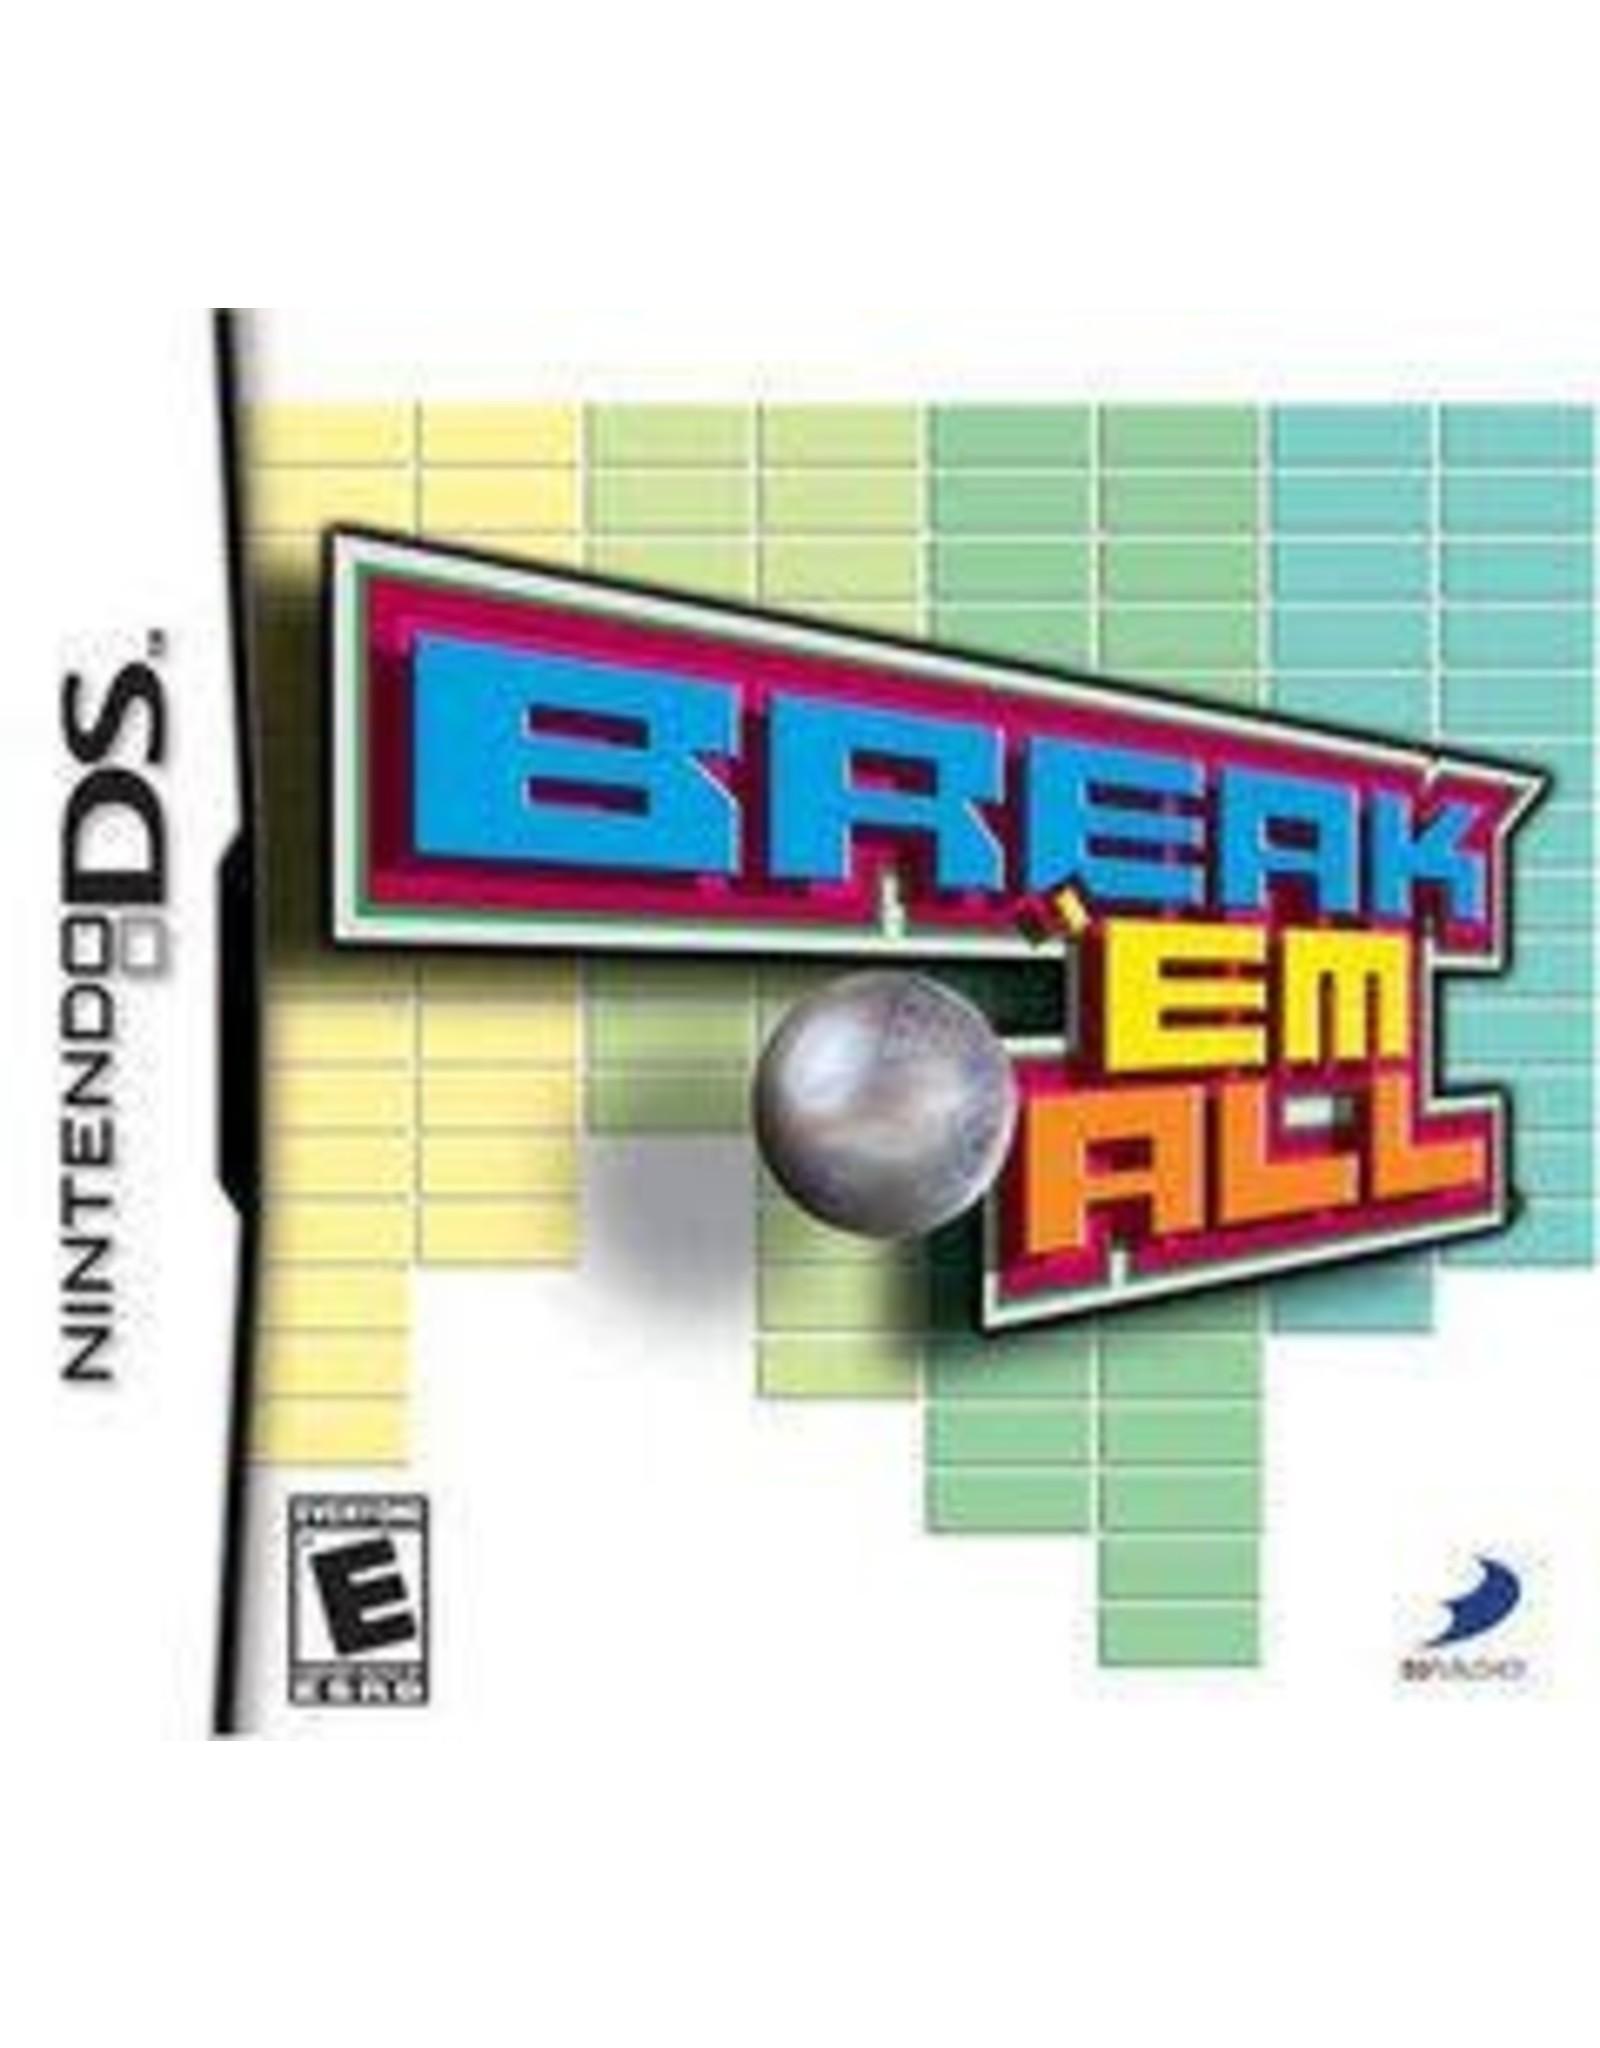 Nintendo DS Break Em All